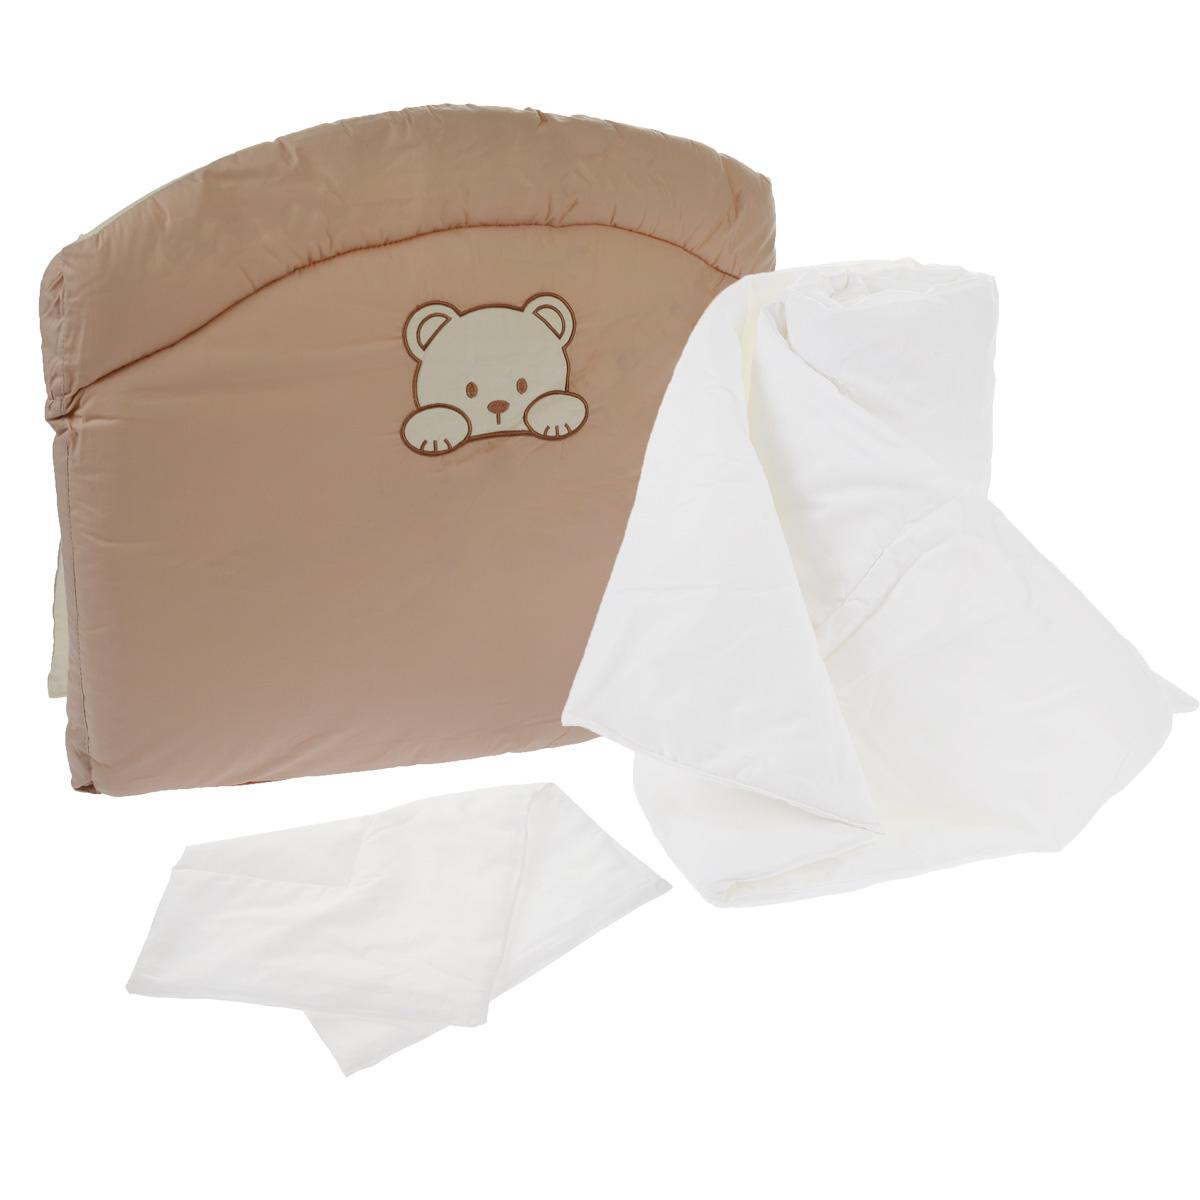 Комплект в кроватку Fairy, цвет: бежевый, белый, 3 предмета. 5590-02327/4Комплект в кроватку Fairy прекрасно подойдет для кроватки вашего малыша, добавит комнате уюта и согреет в прохладные дни. В качестве материала верха использован натуральный хлопок и лен. Мягкая ткань не раздражает чувствительную и нежную кожу ребенка и хорошо вентилируется.Бортик наполнен синтепоном, а подушка и одеяло - холлофайбером. Изделия с холлофайбером хорошо защищены от проникновения пылевых клещей и отличаются особой упругостью и одновременно мягкостью, чтобы подарить вашему ребенку комфорт и хороший сон. Очень важно, чтобы ваш малыш хорошо спал - это залог его здоровья, а значит вашего спокойствия. Комплект Fairy идеально подойдет для кроватки вашего малыша. На нем ваш кроха будет спать здоровым и крепким сном.Комплектация:- борт (185 см х 54 см); - плоская подушка (40 см х 60 см);- одеяло (110 см х 140 см).